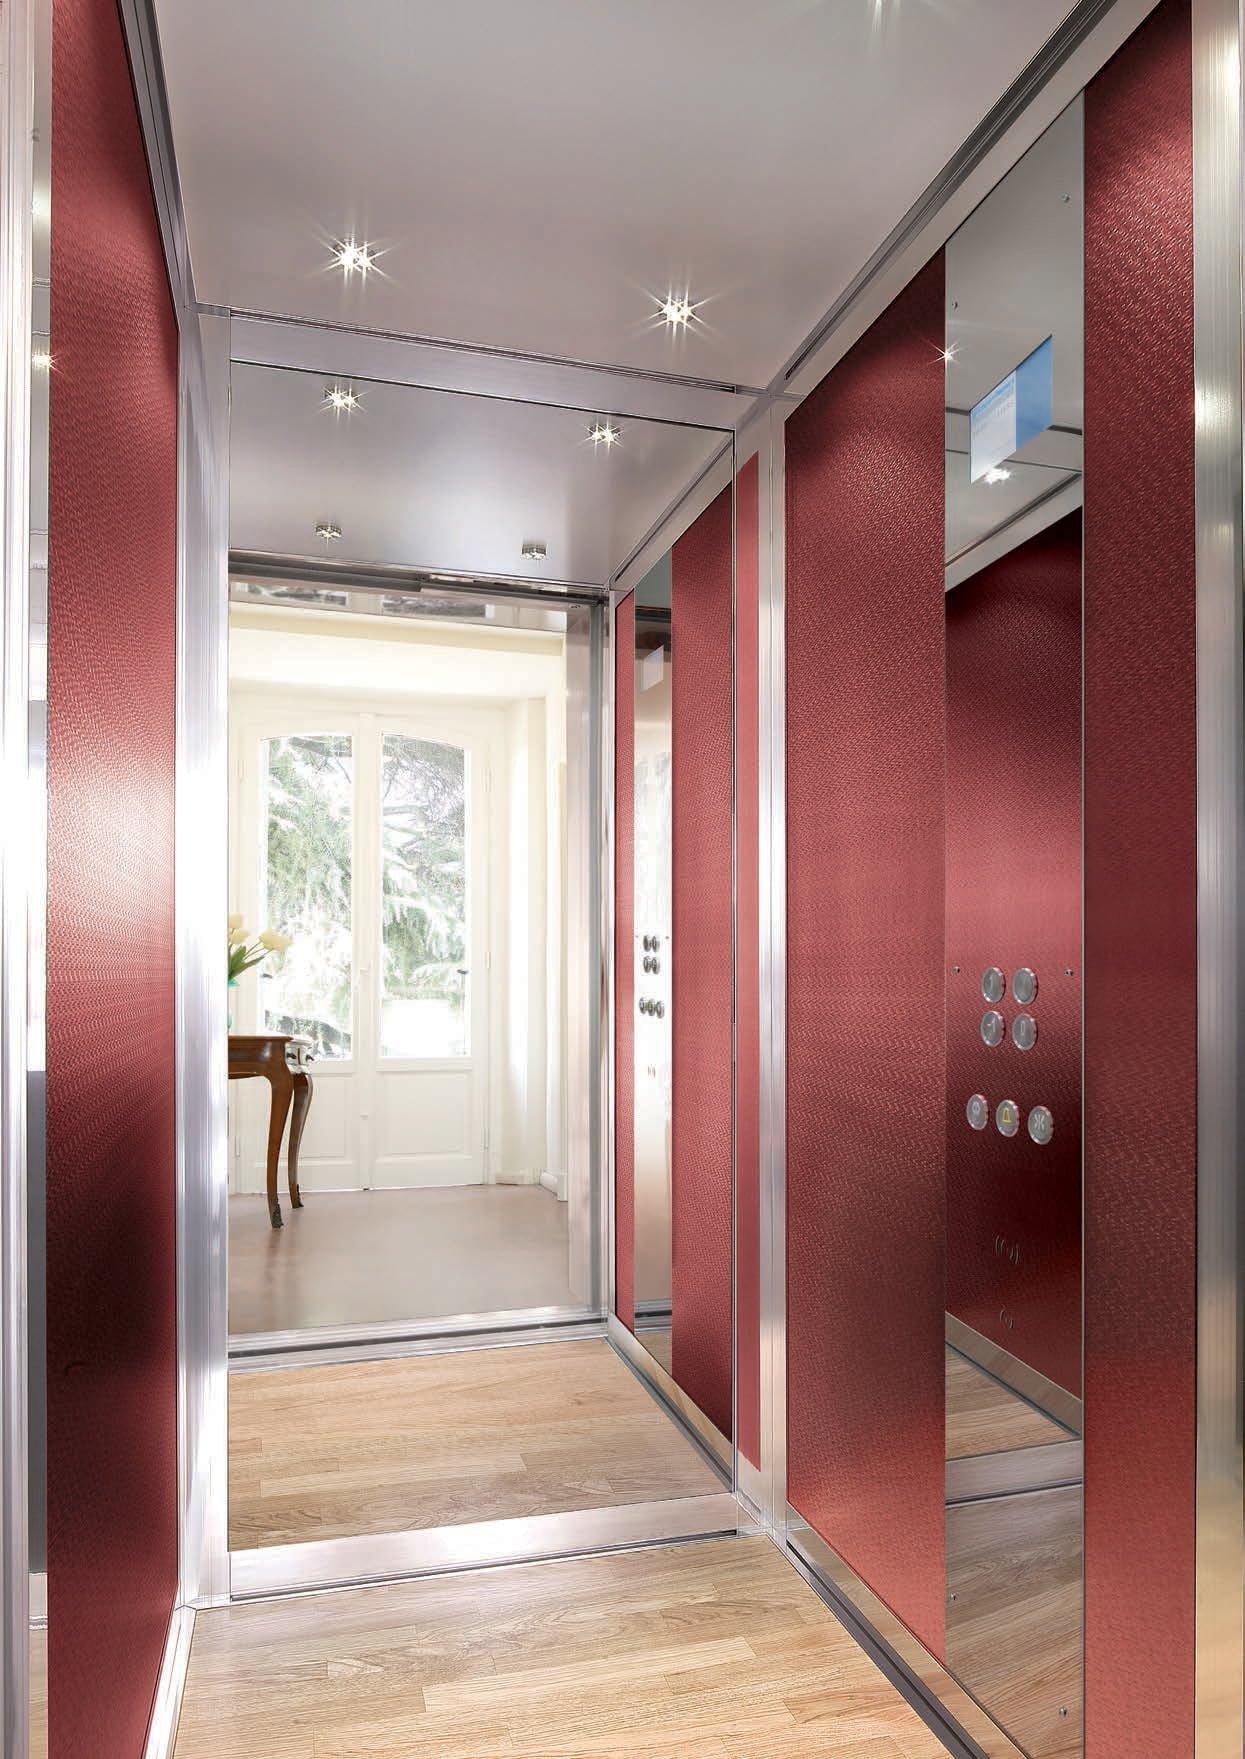 Ascensori interni per appartamenti prezzi e tipologie for Interni di appartamenti